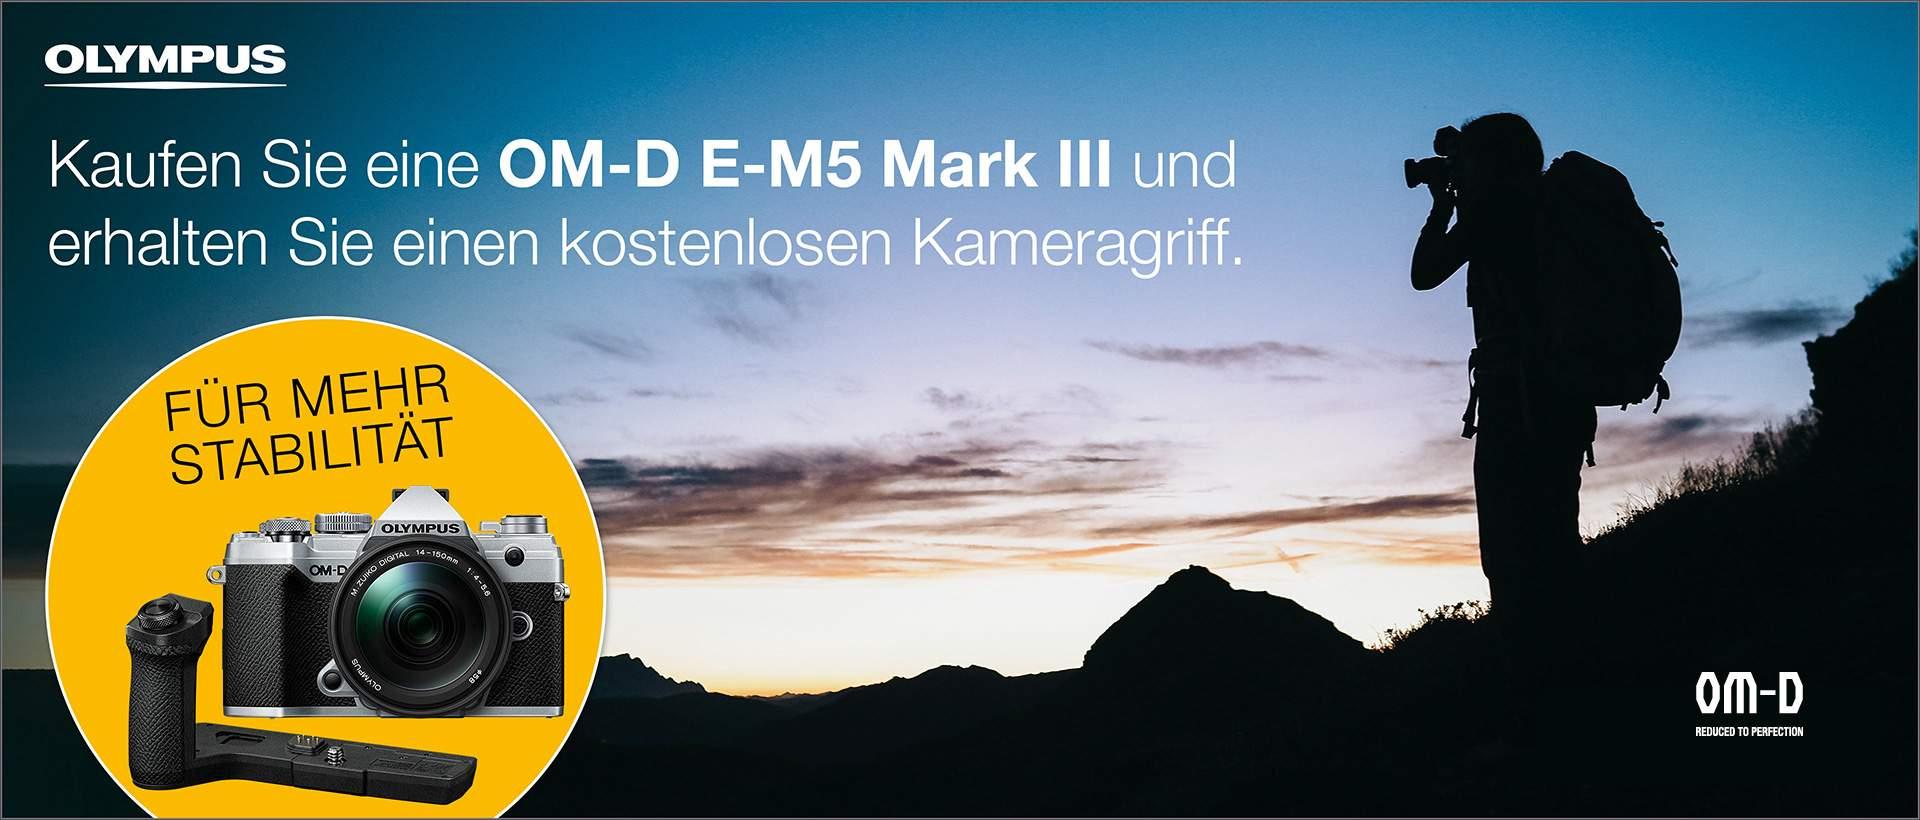 OLYMPUS OM-D E-M5 Mark III Aktion